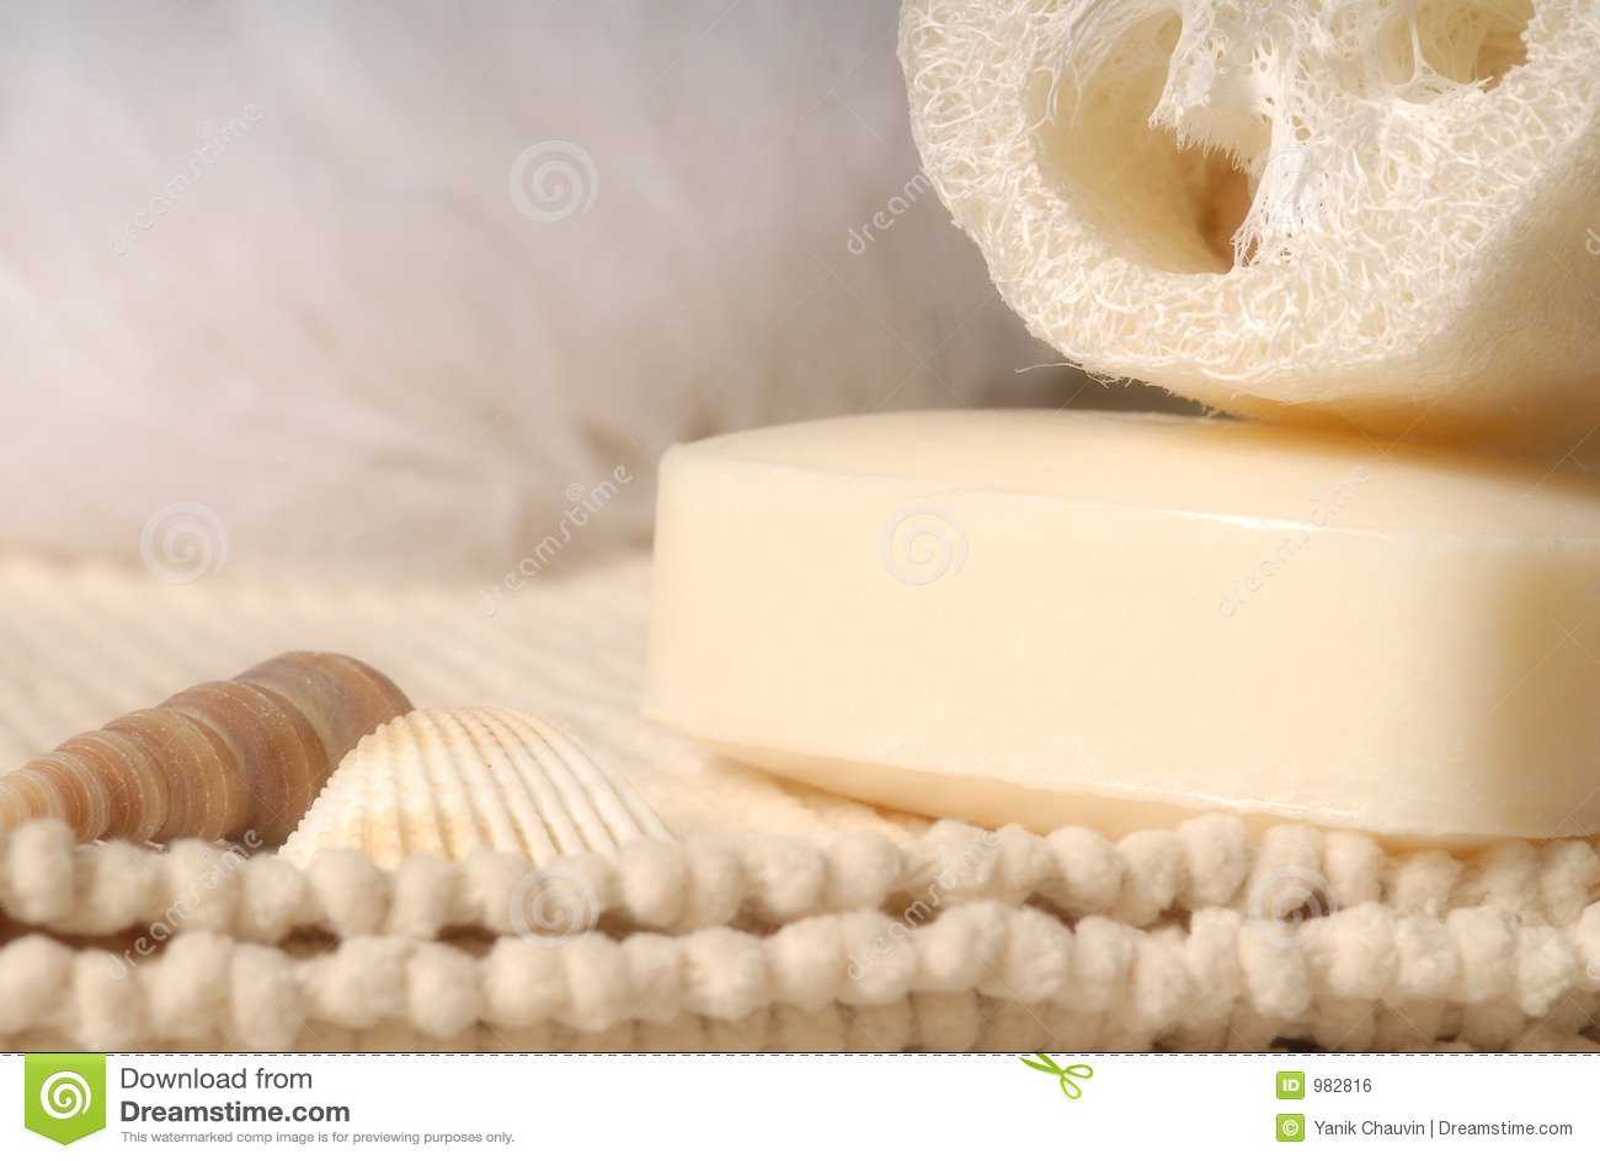 Luffa肥皂